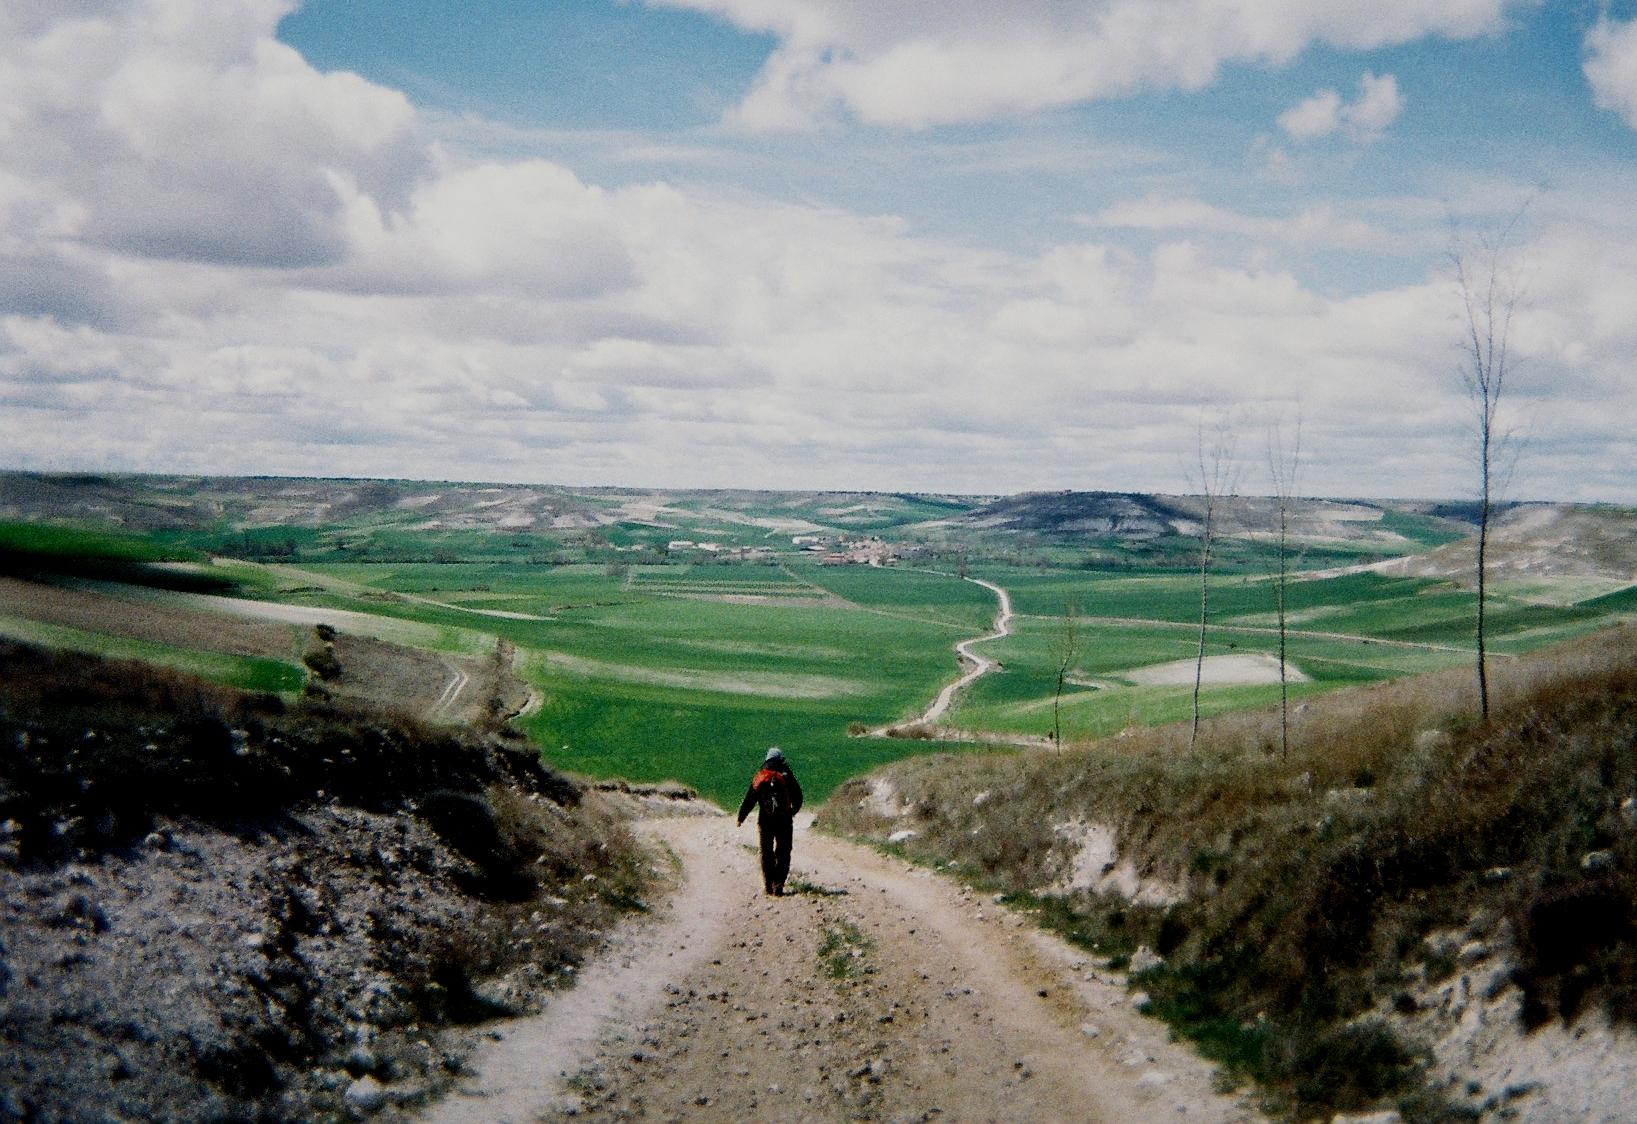 Camino-Road-Pic.jpg